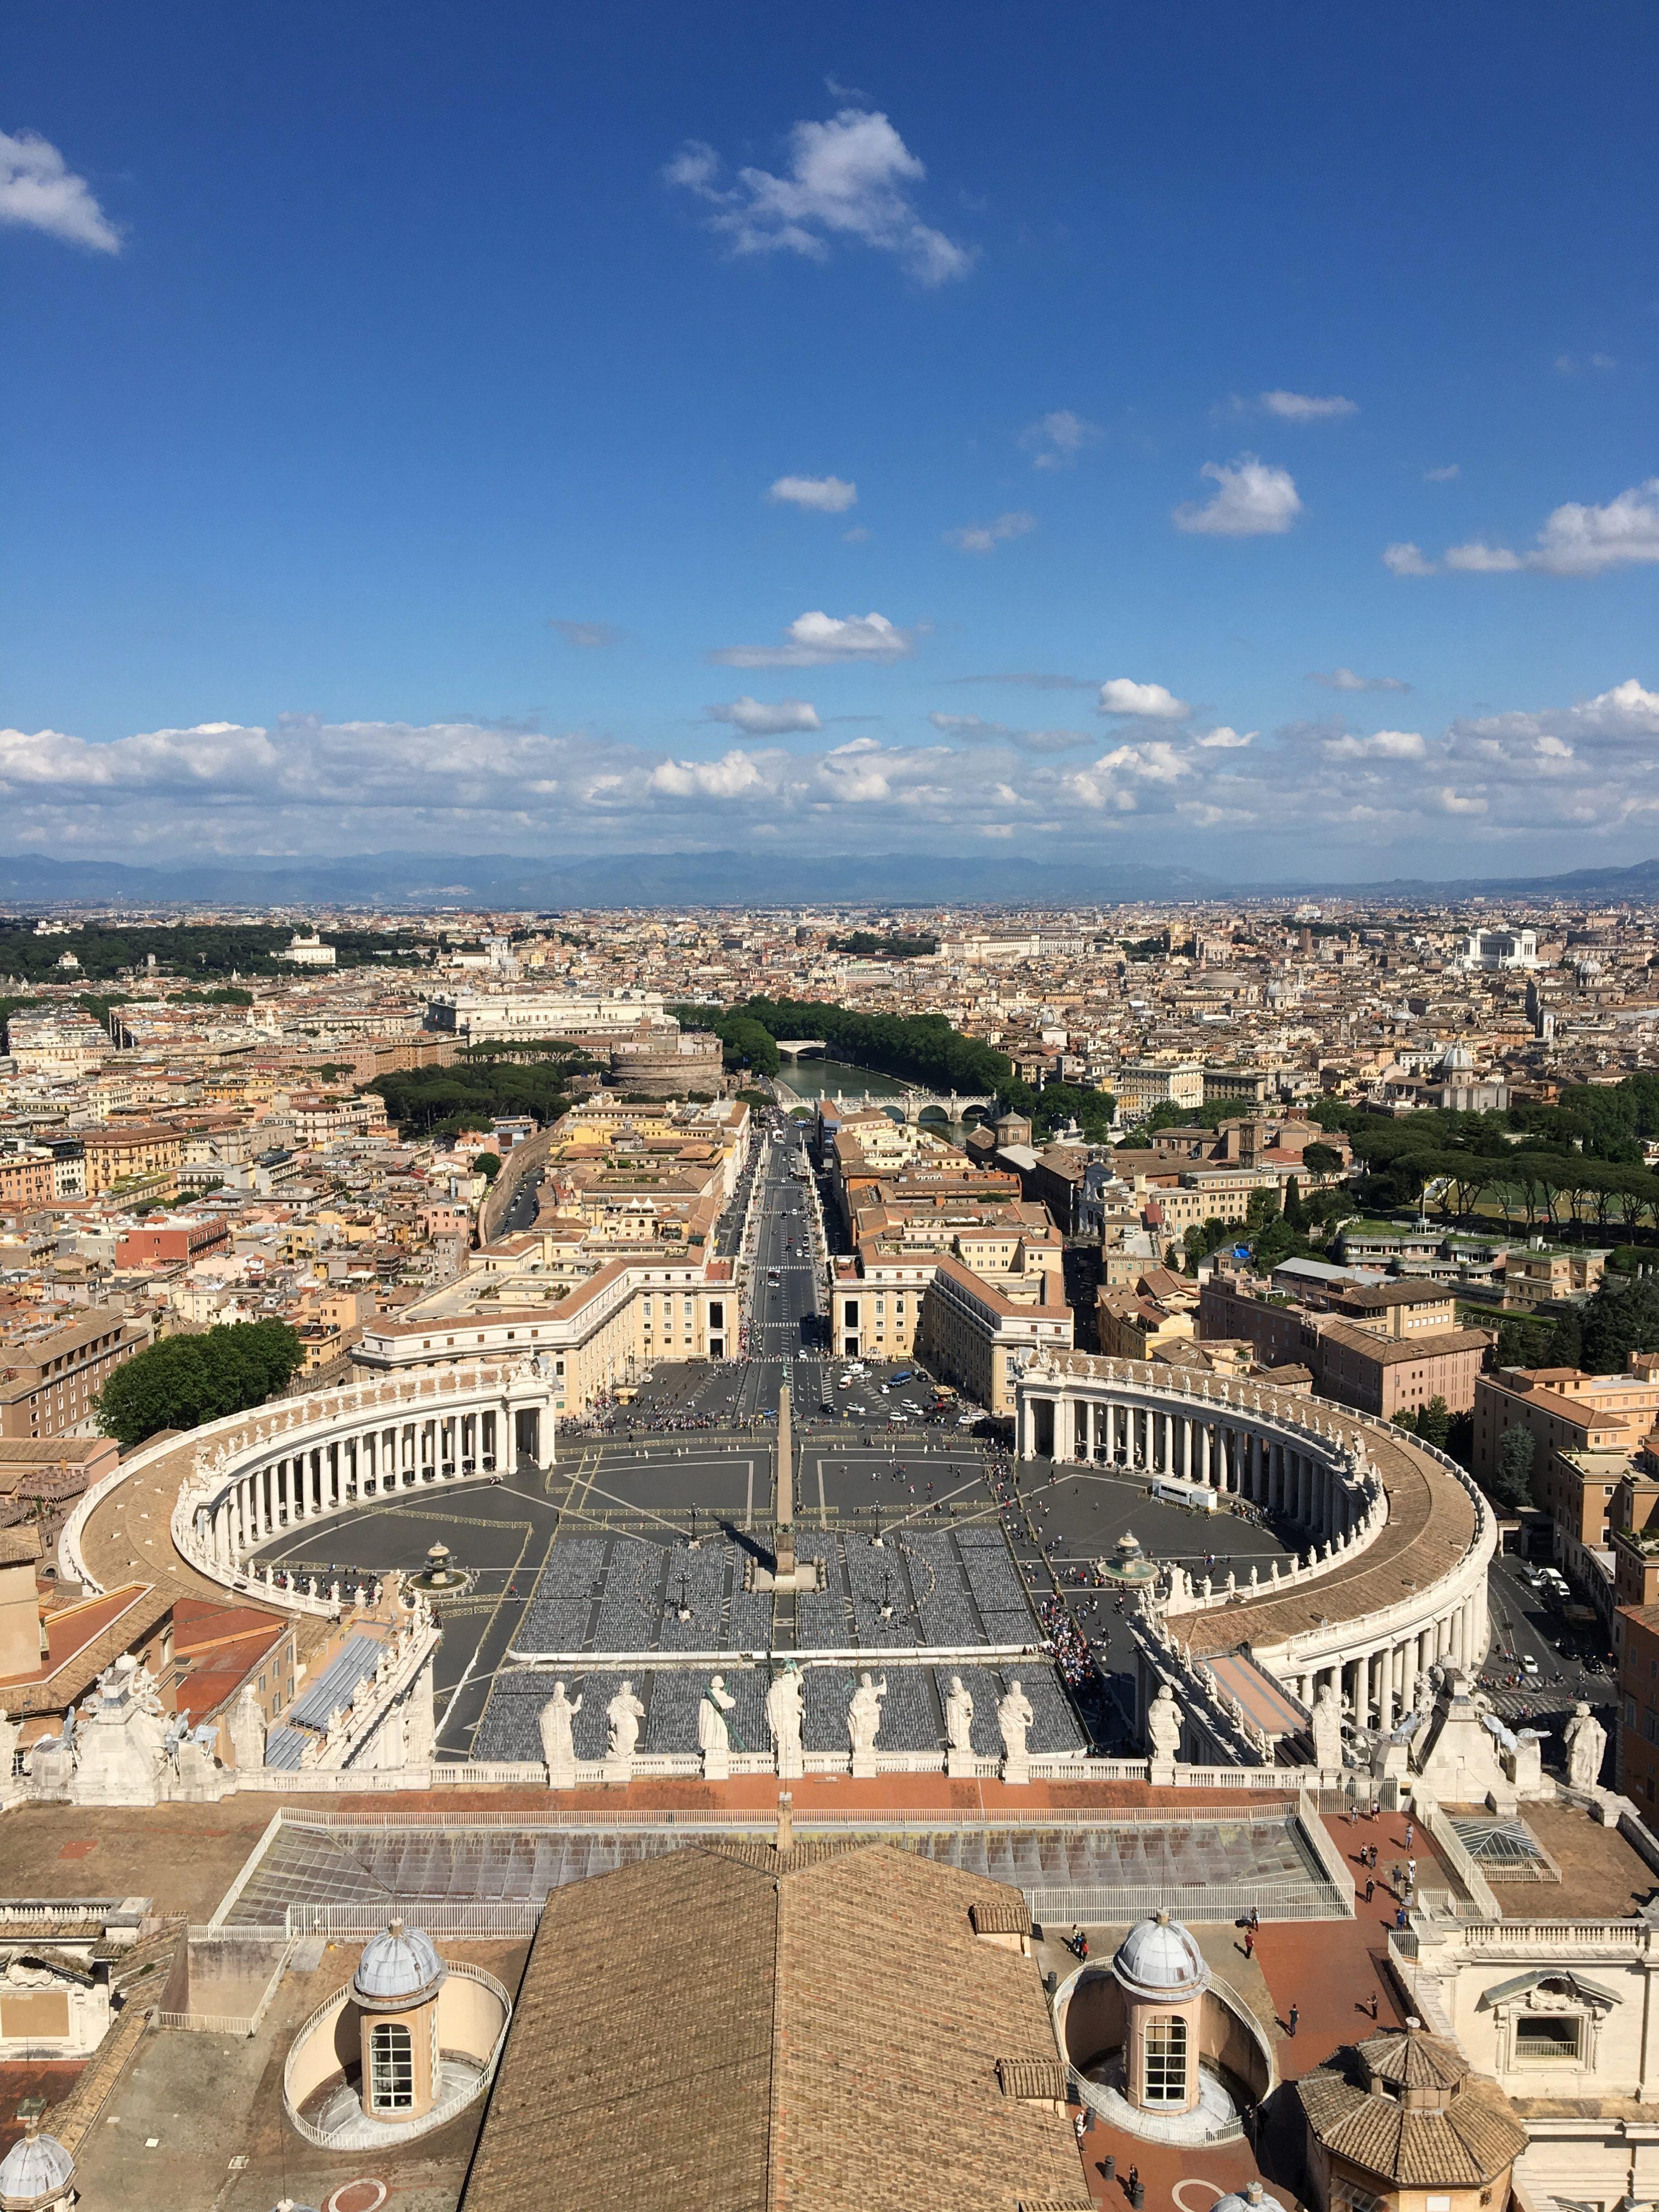 【法意】梵蒂冈之神圣  Holy Vatican